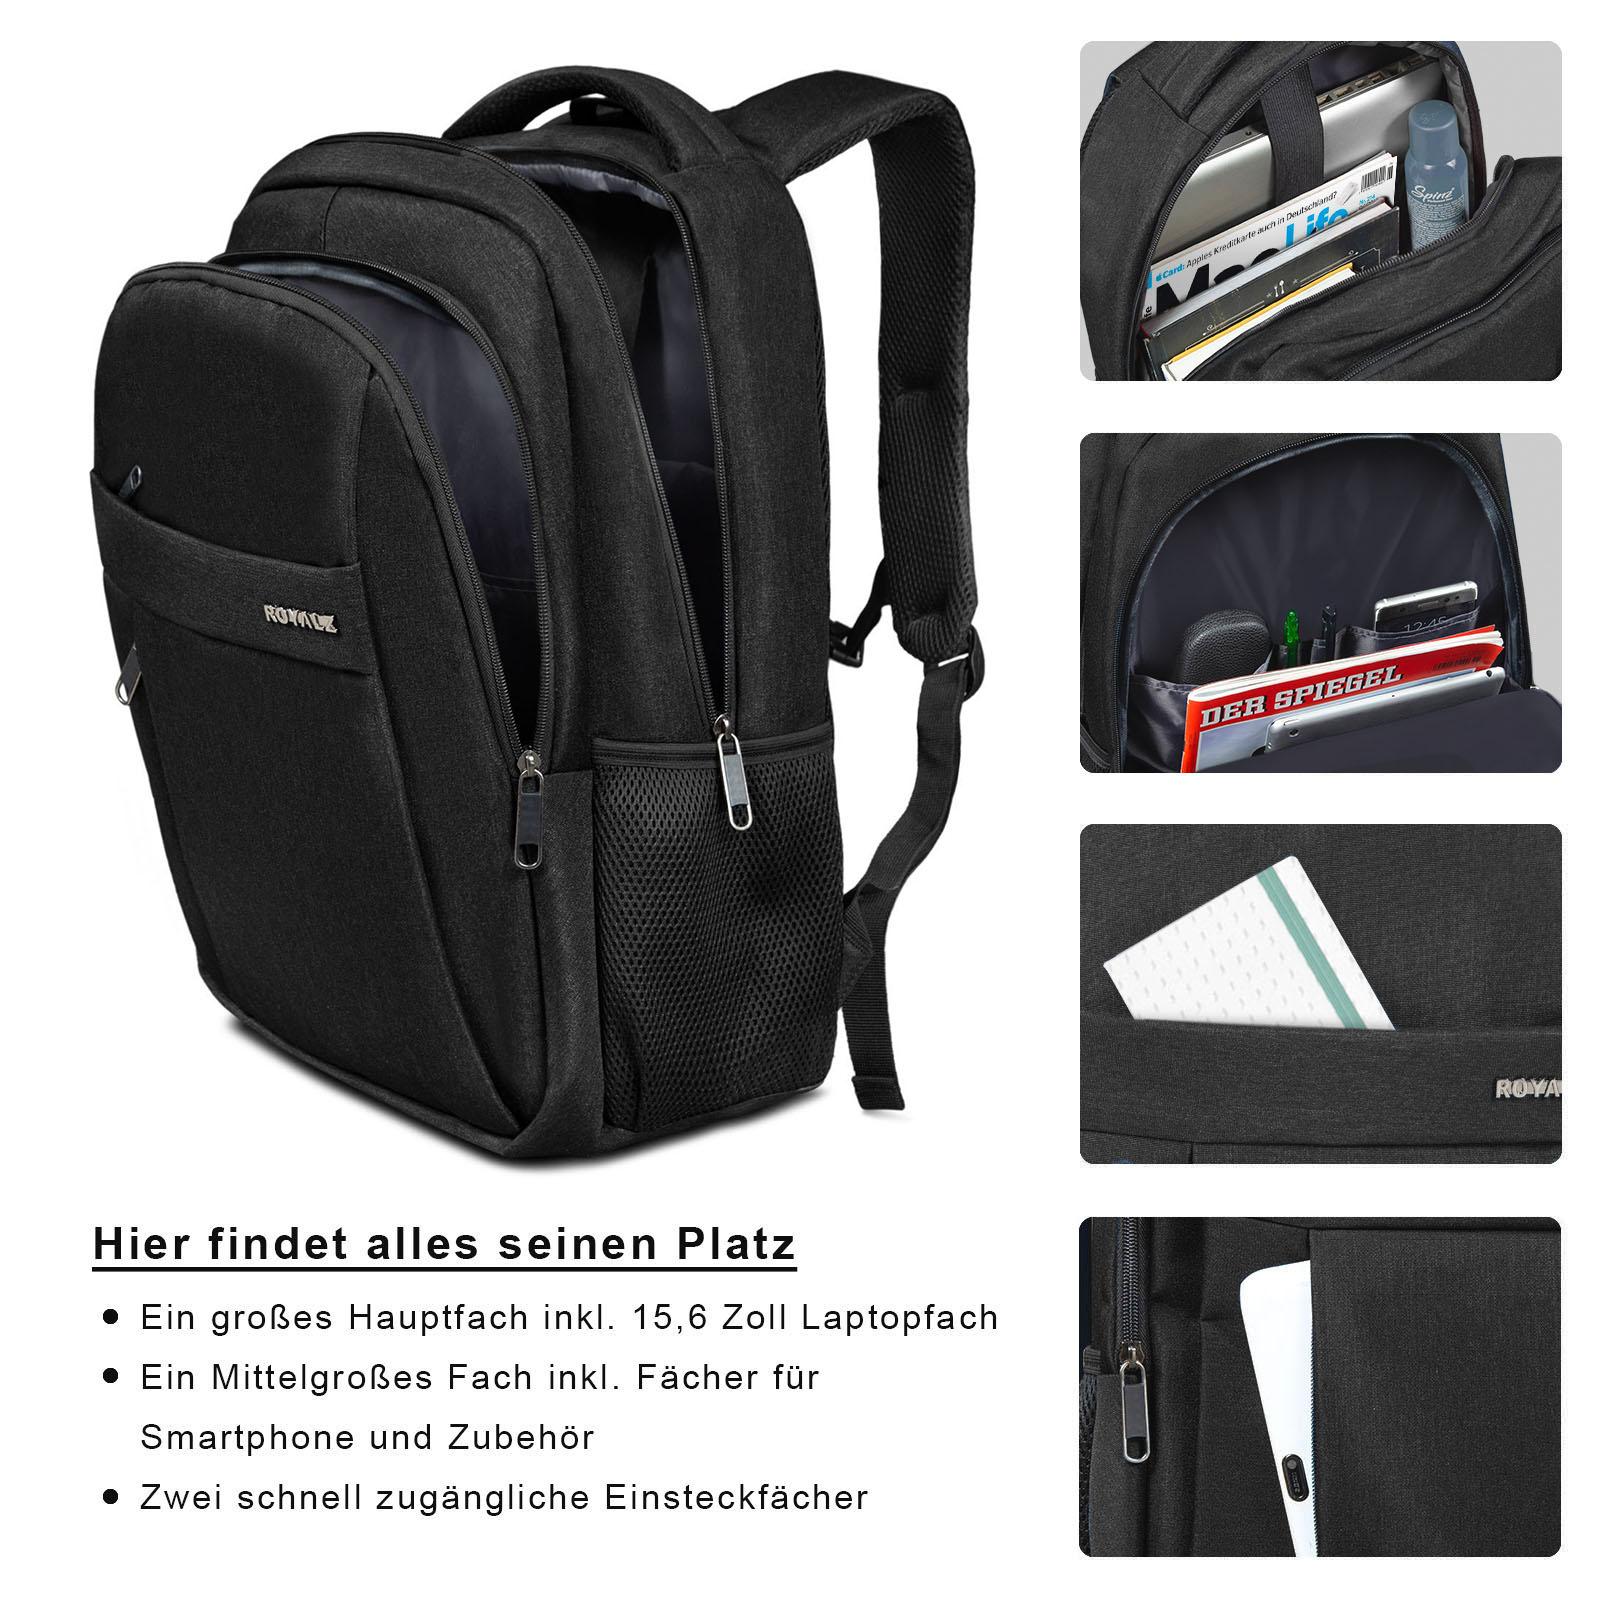 ROYALZ Schul Rucksack mit 15,6 Zoll Laptopfach für Herren Teenager Jungen in Schule Uni Freizeit viele Fächern Notebook Backpack